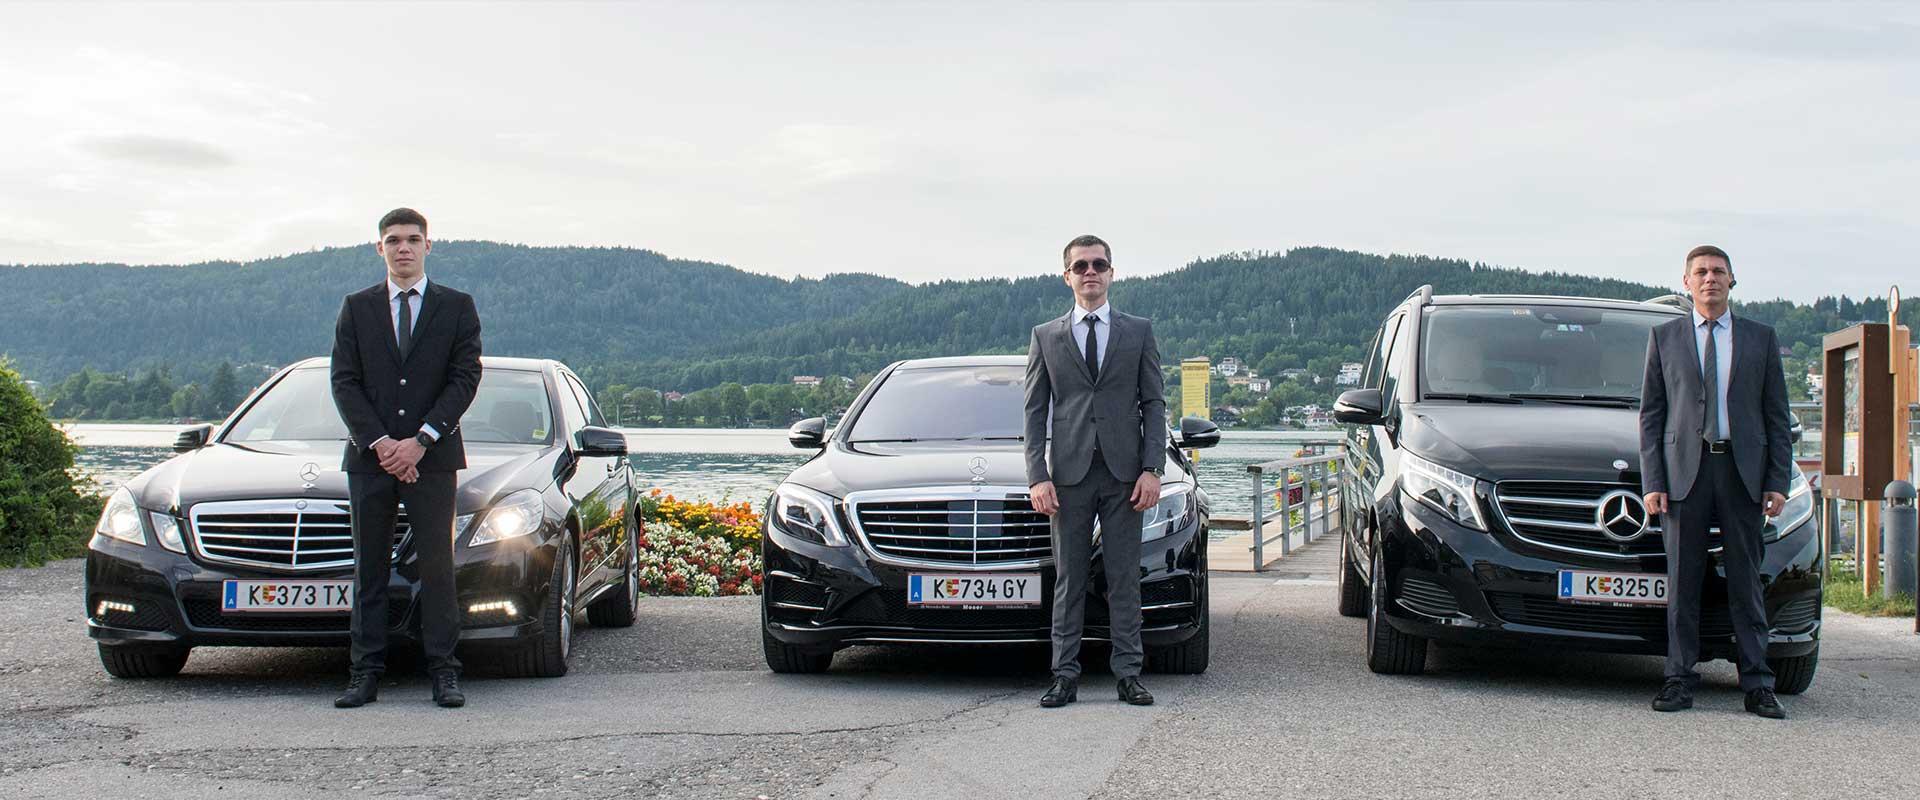 limousineservice-kaernten